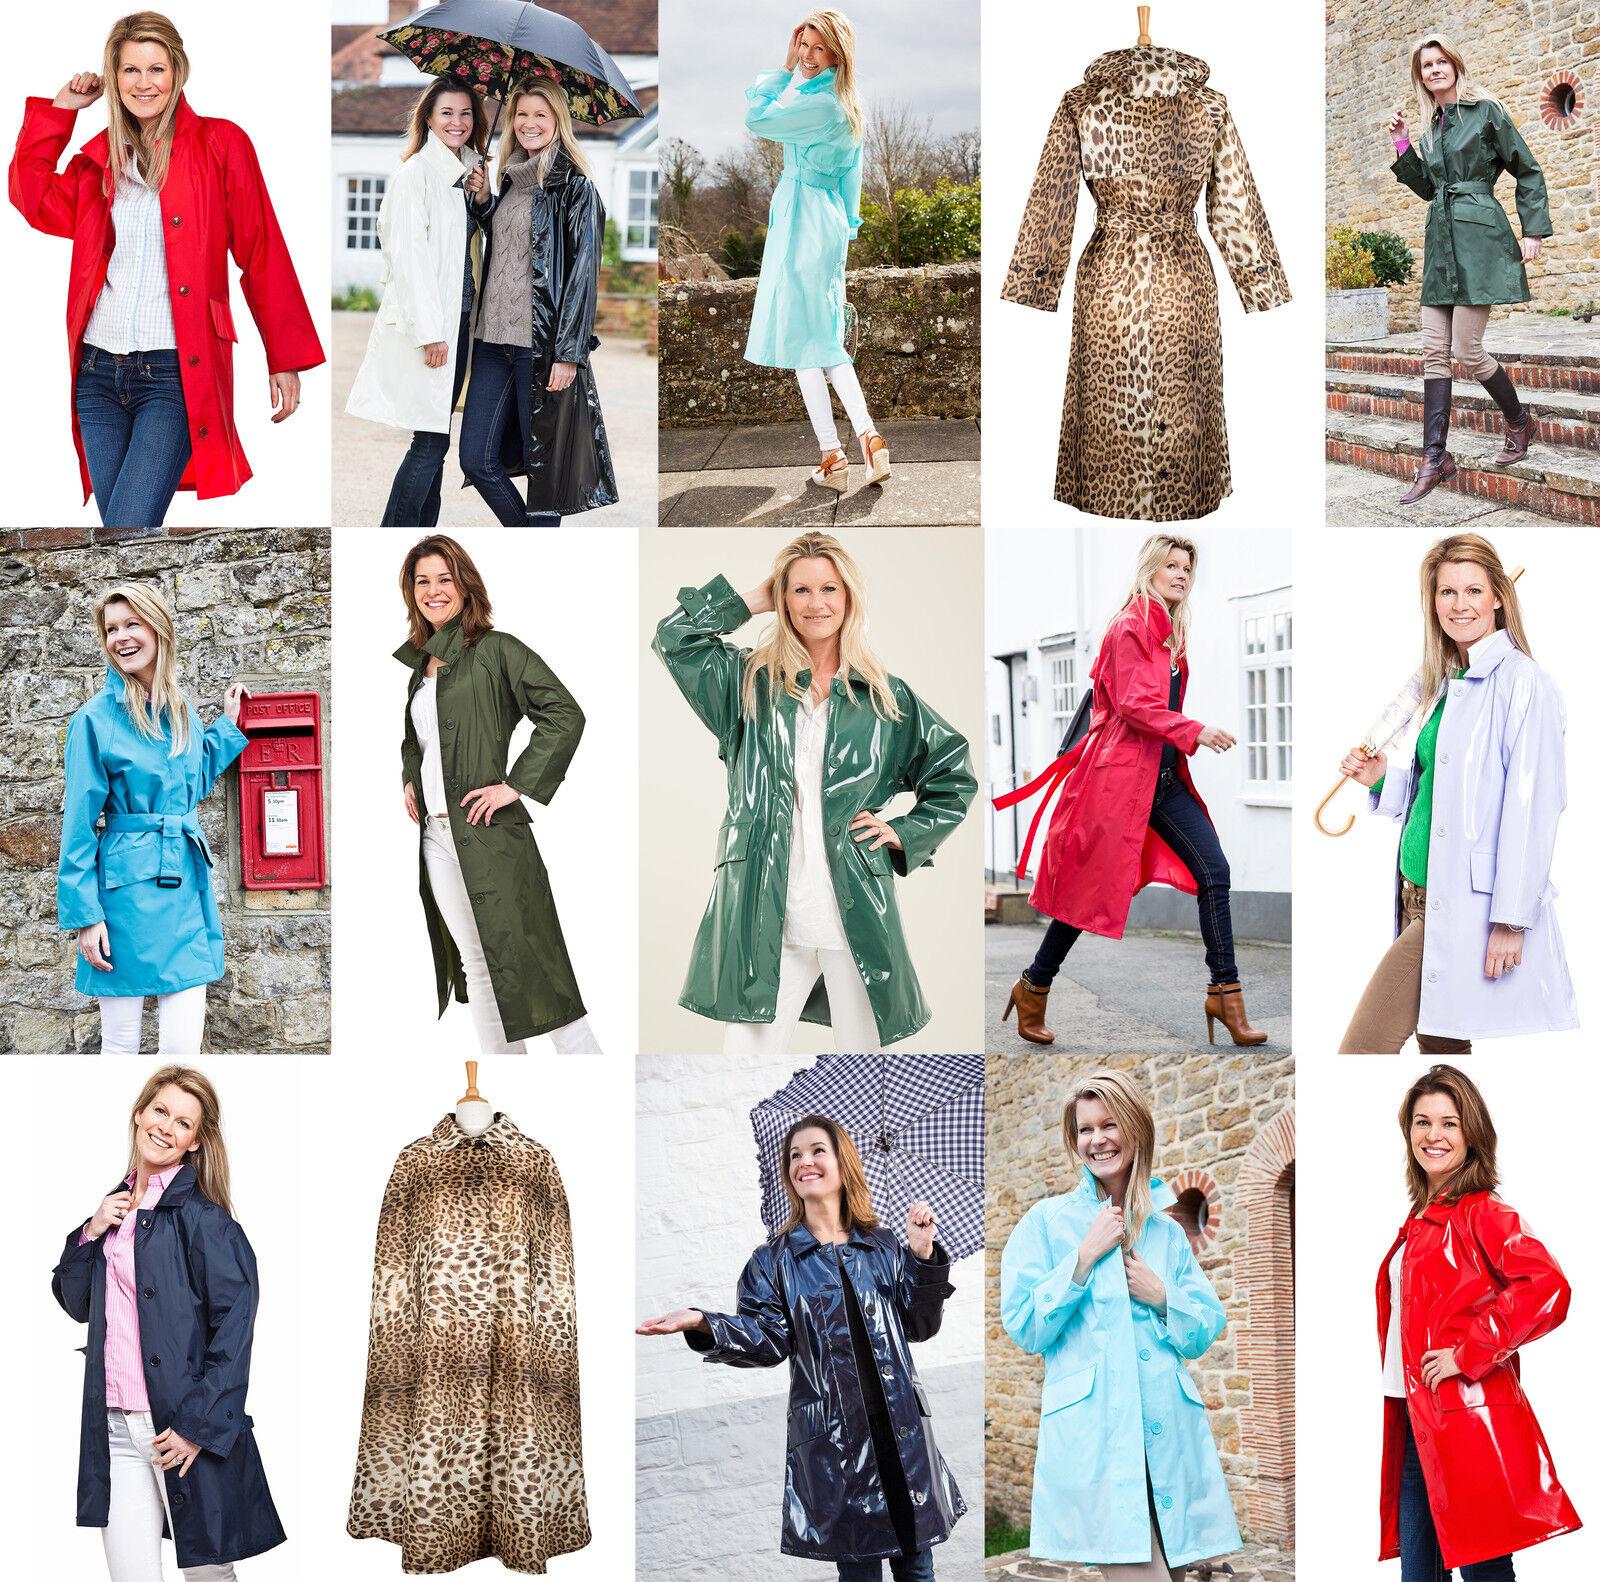 women rainmac IMPERMEABILE cappotti intera o ¾ LUNGHEZZA & PONCHO MANTELLA